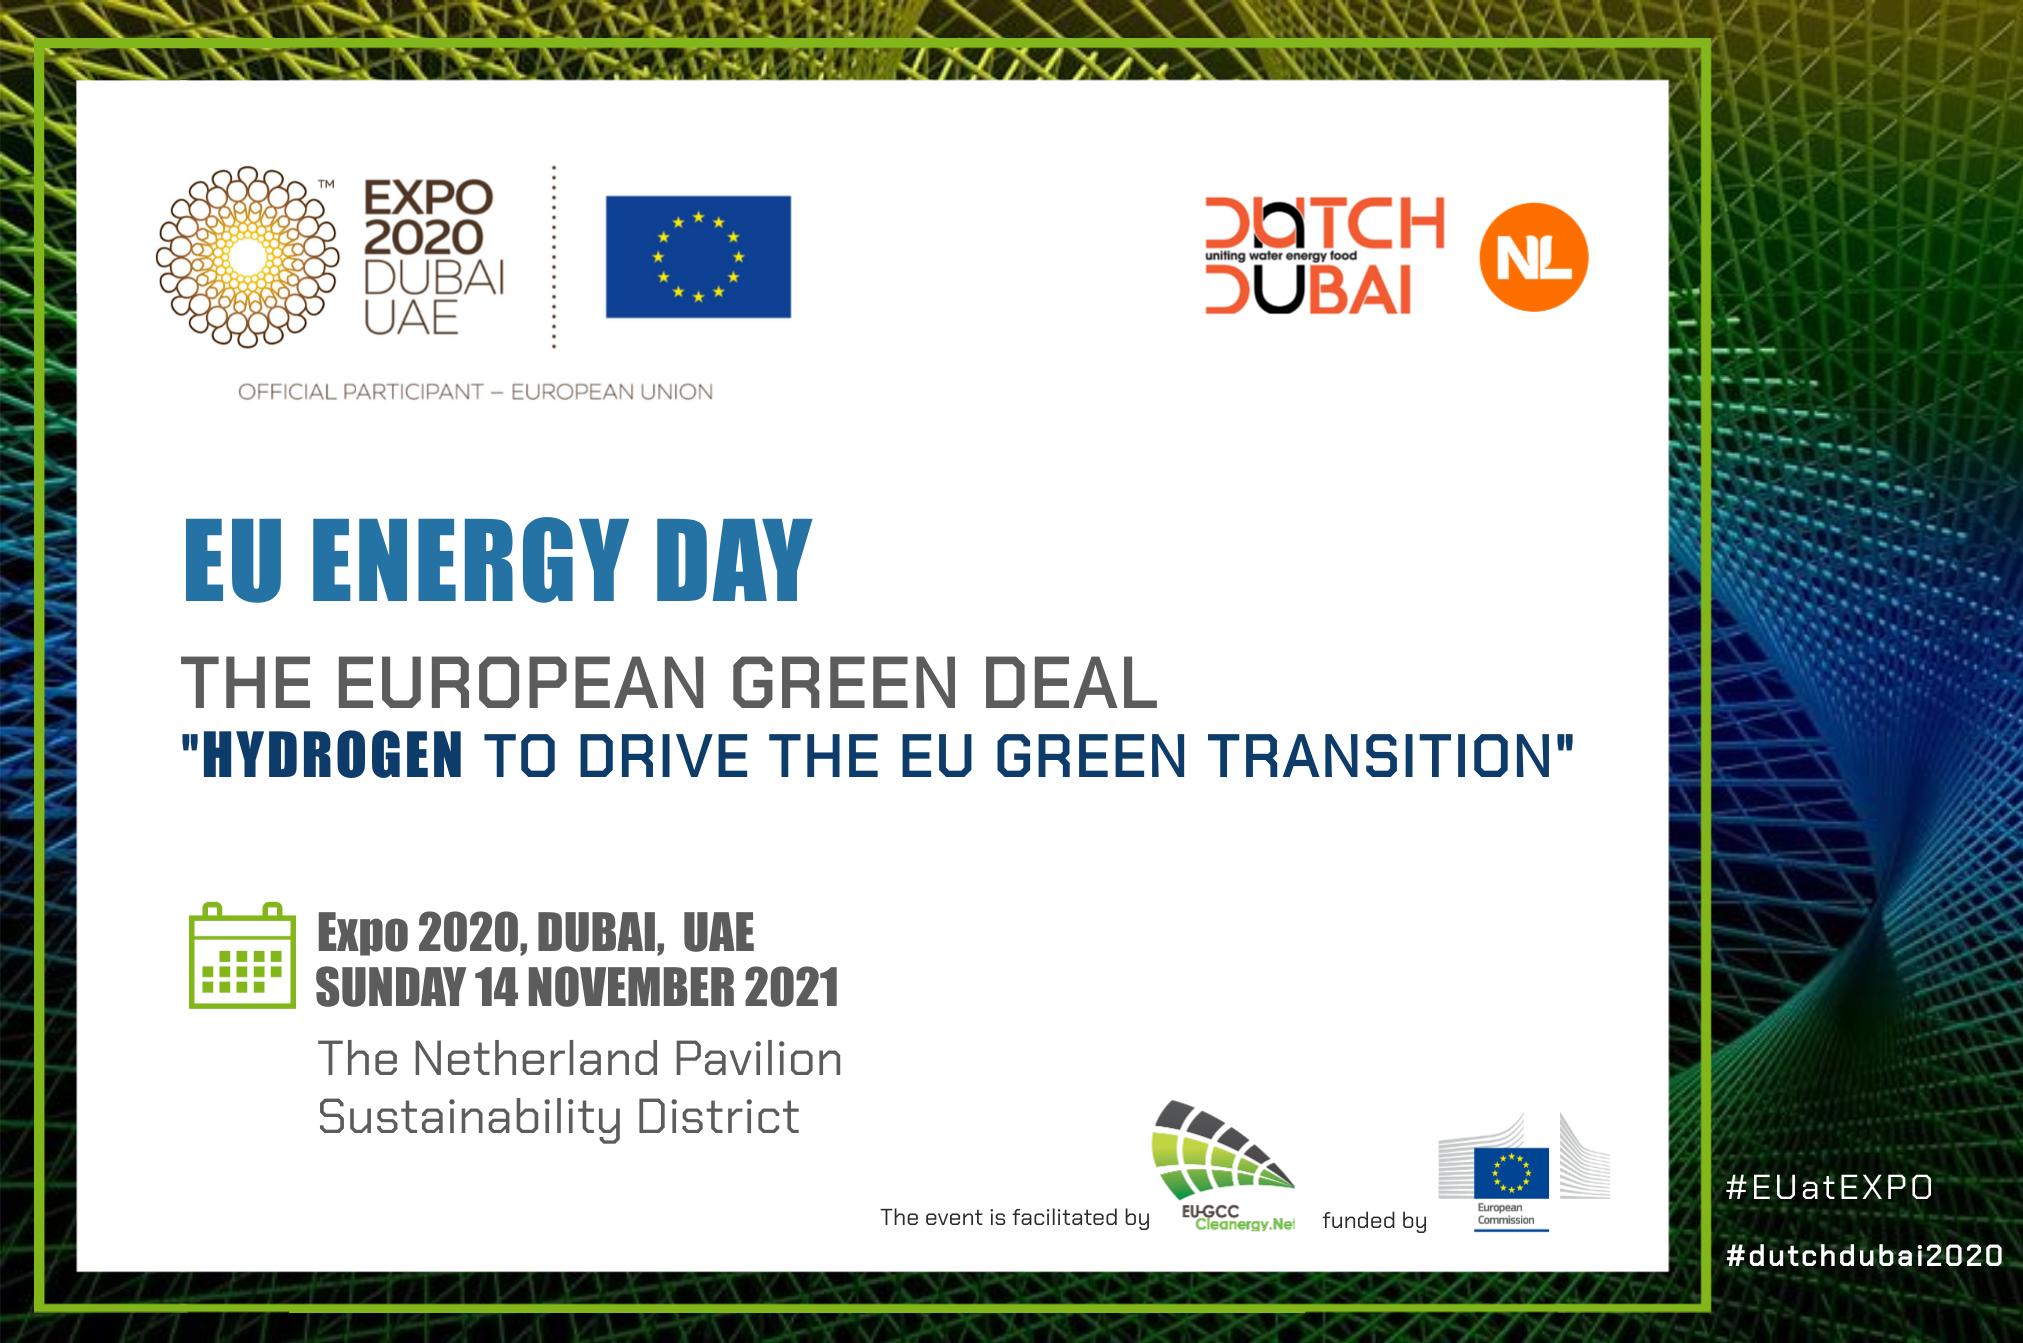 EU Energy Day